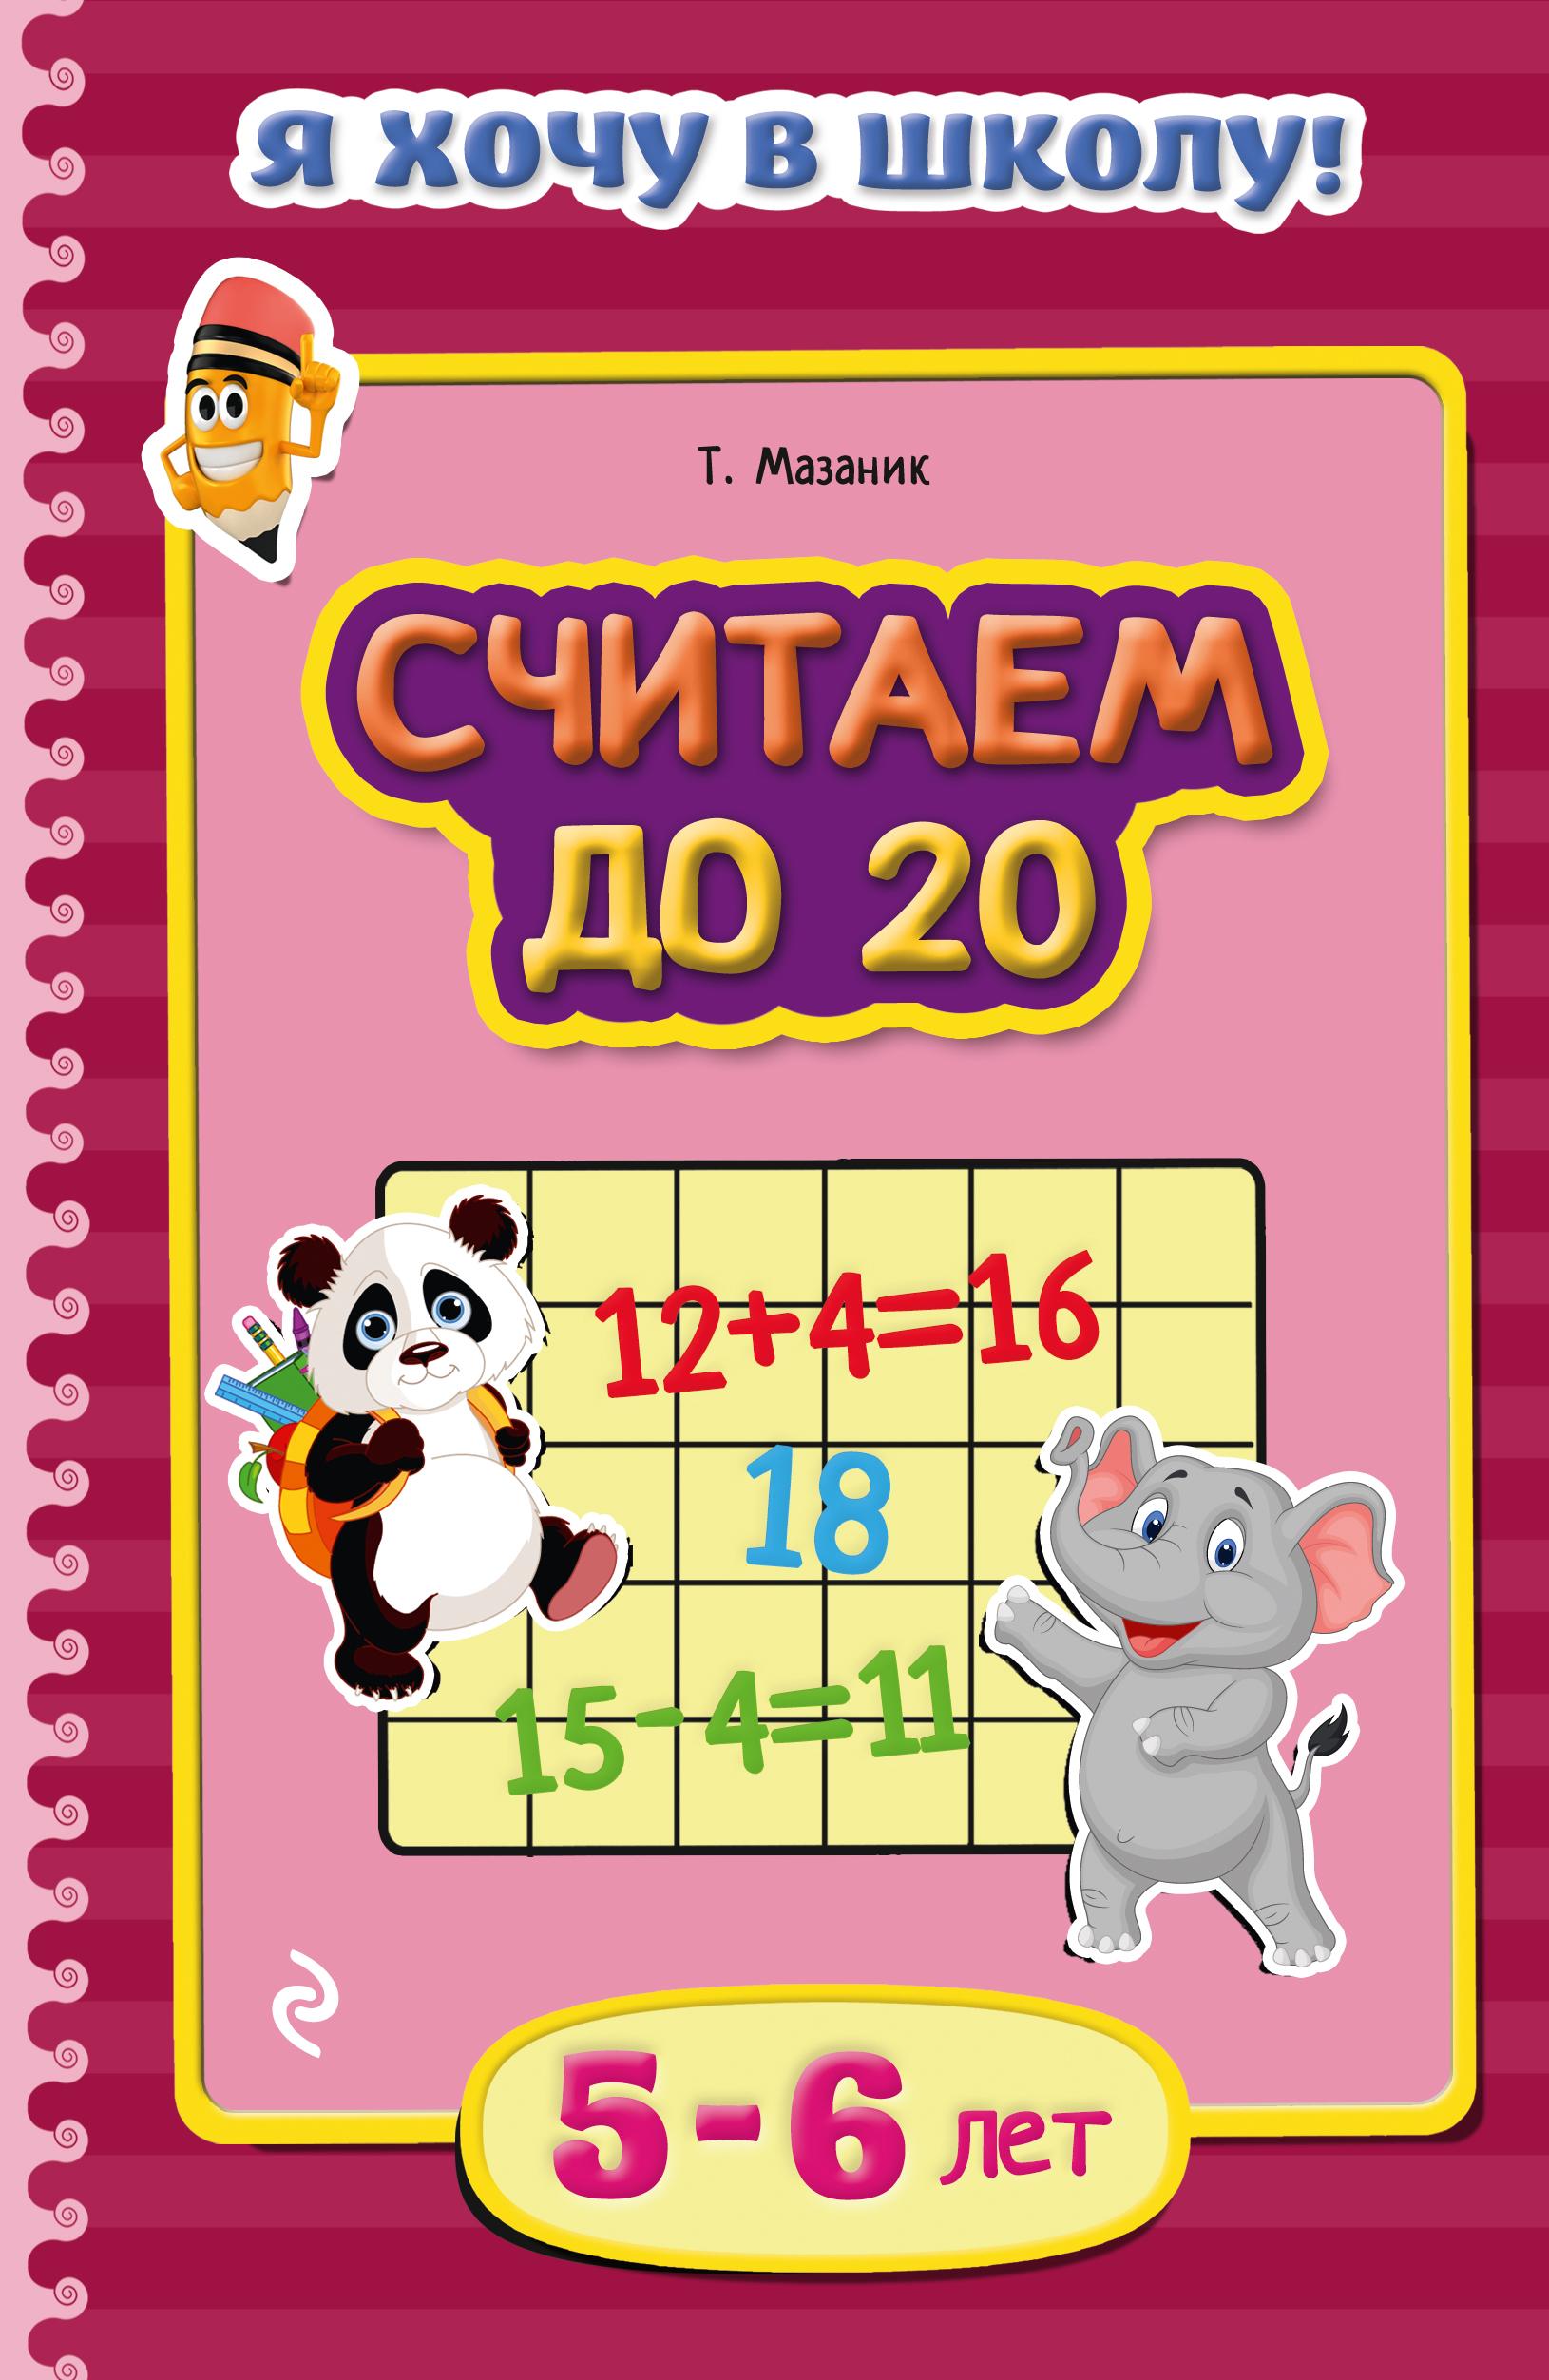 Считаем до 20: для детей 5-6 лет